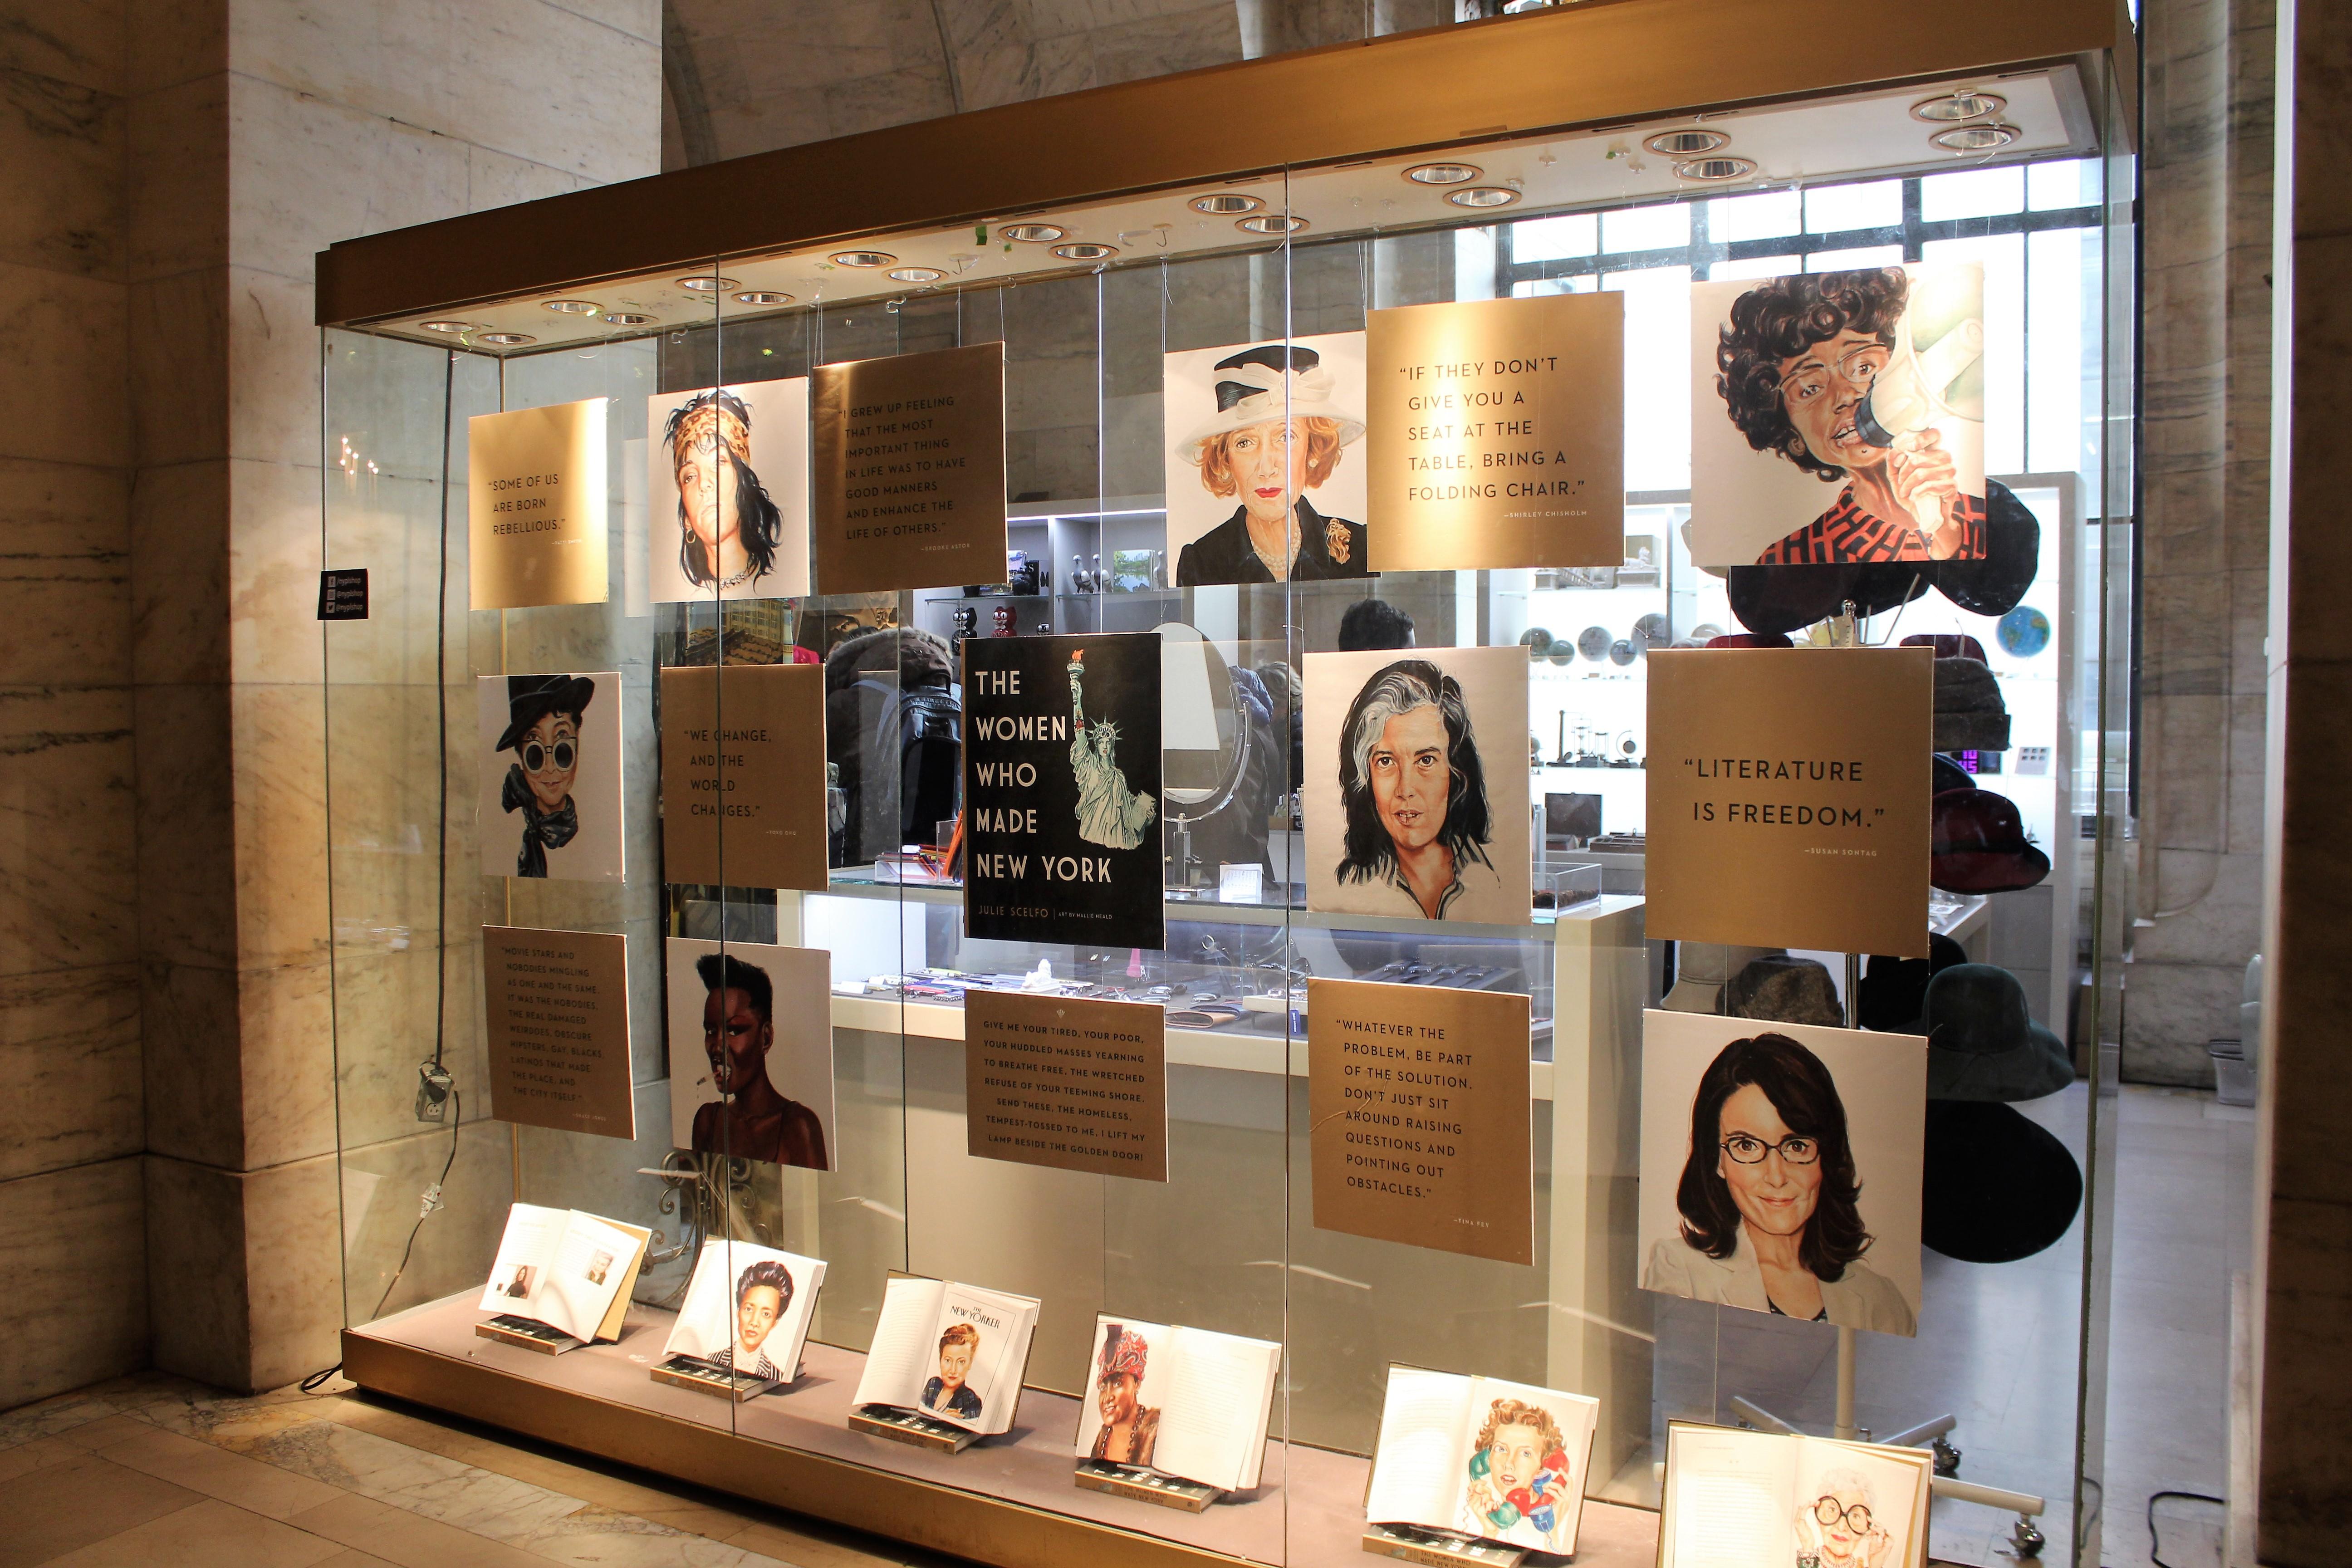 The women who made NY